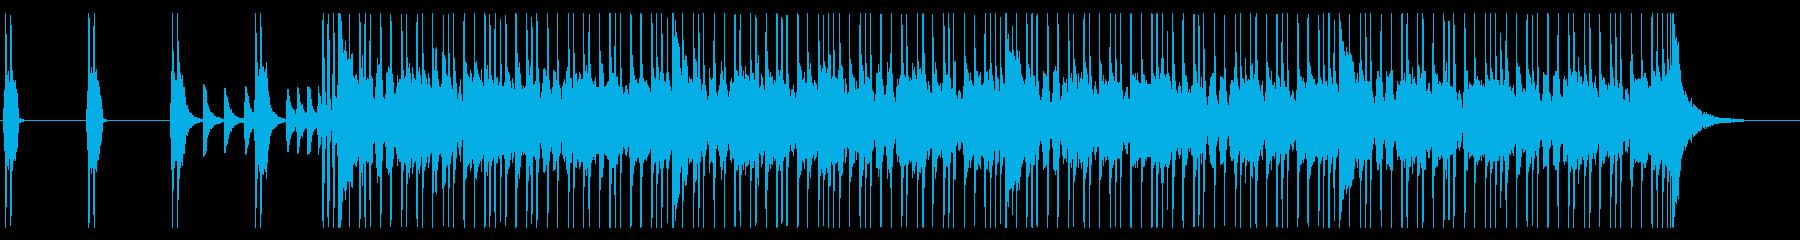 ロックギター、リフが繰り返されるBGM5の再生済みの波形